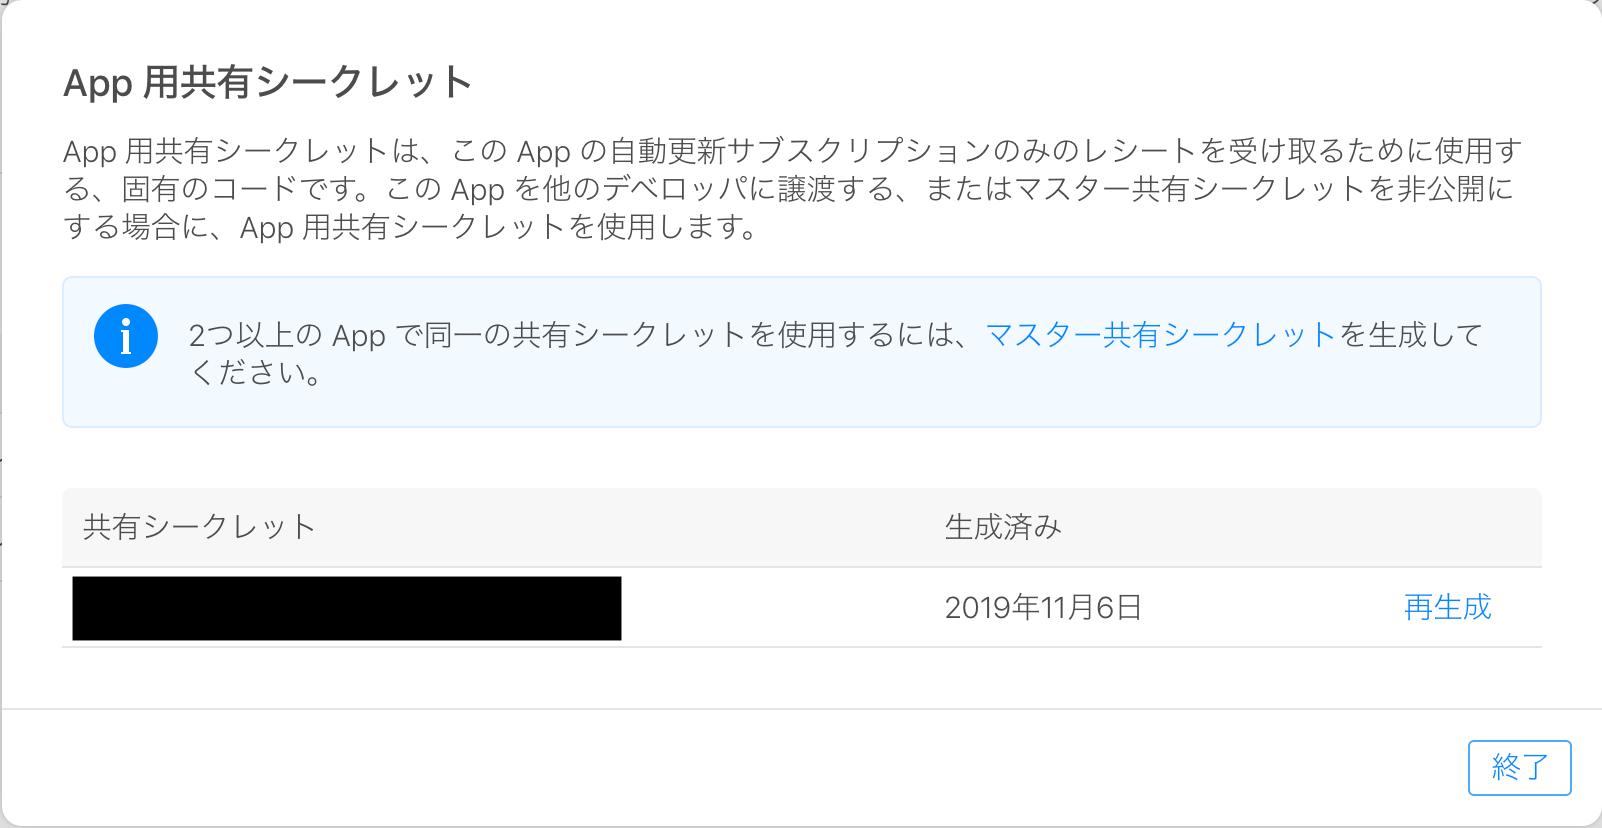 スクリーンショット 2019-11-19 15.56.56.png